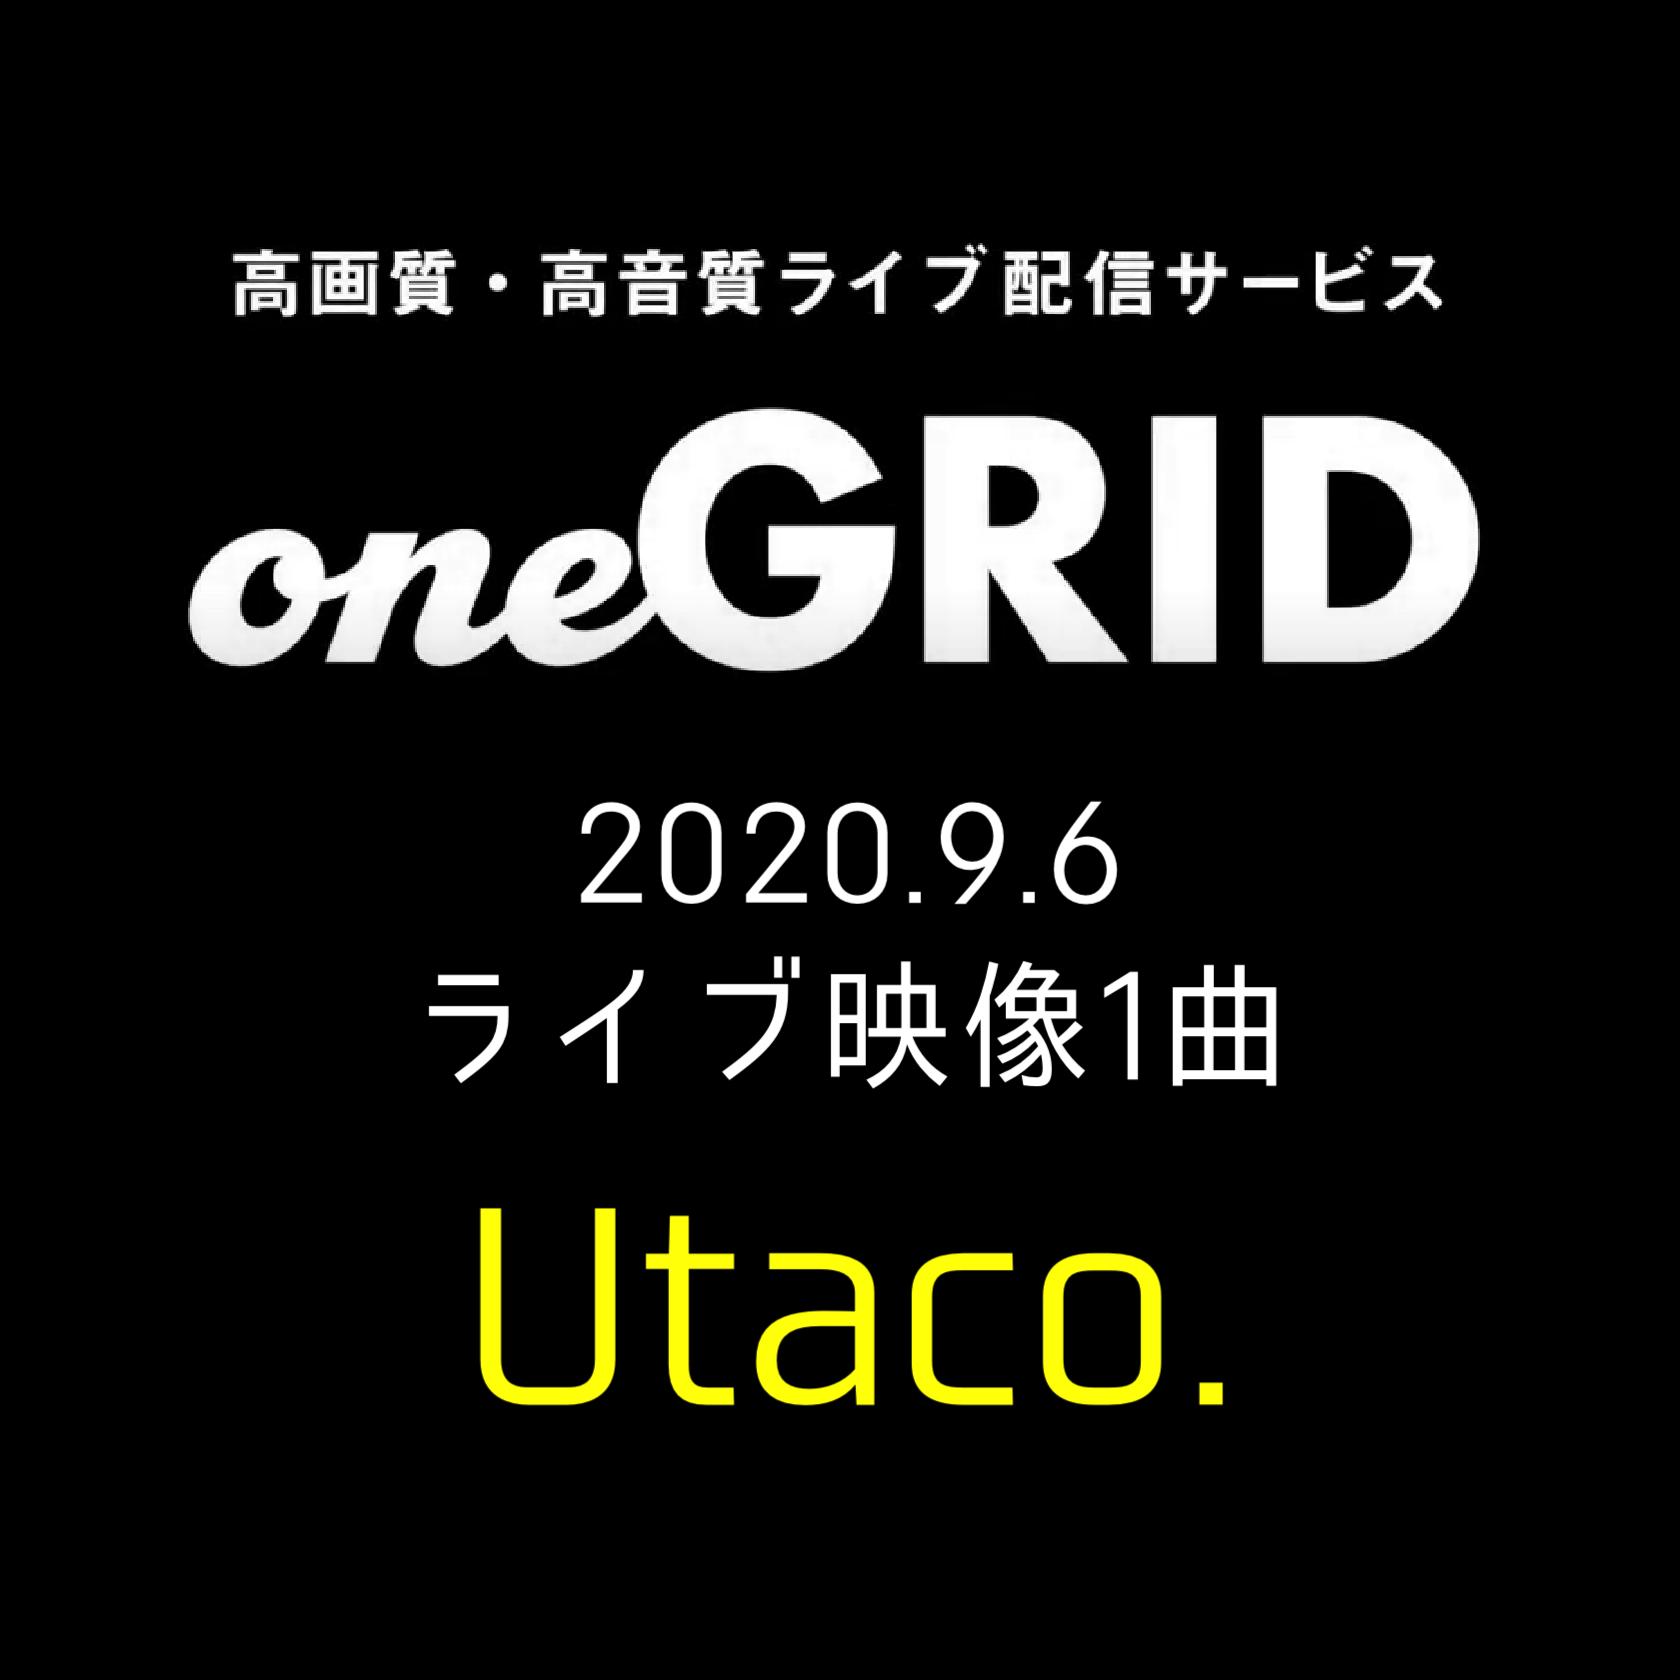 9/6 Utaco. ライブ映像